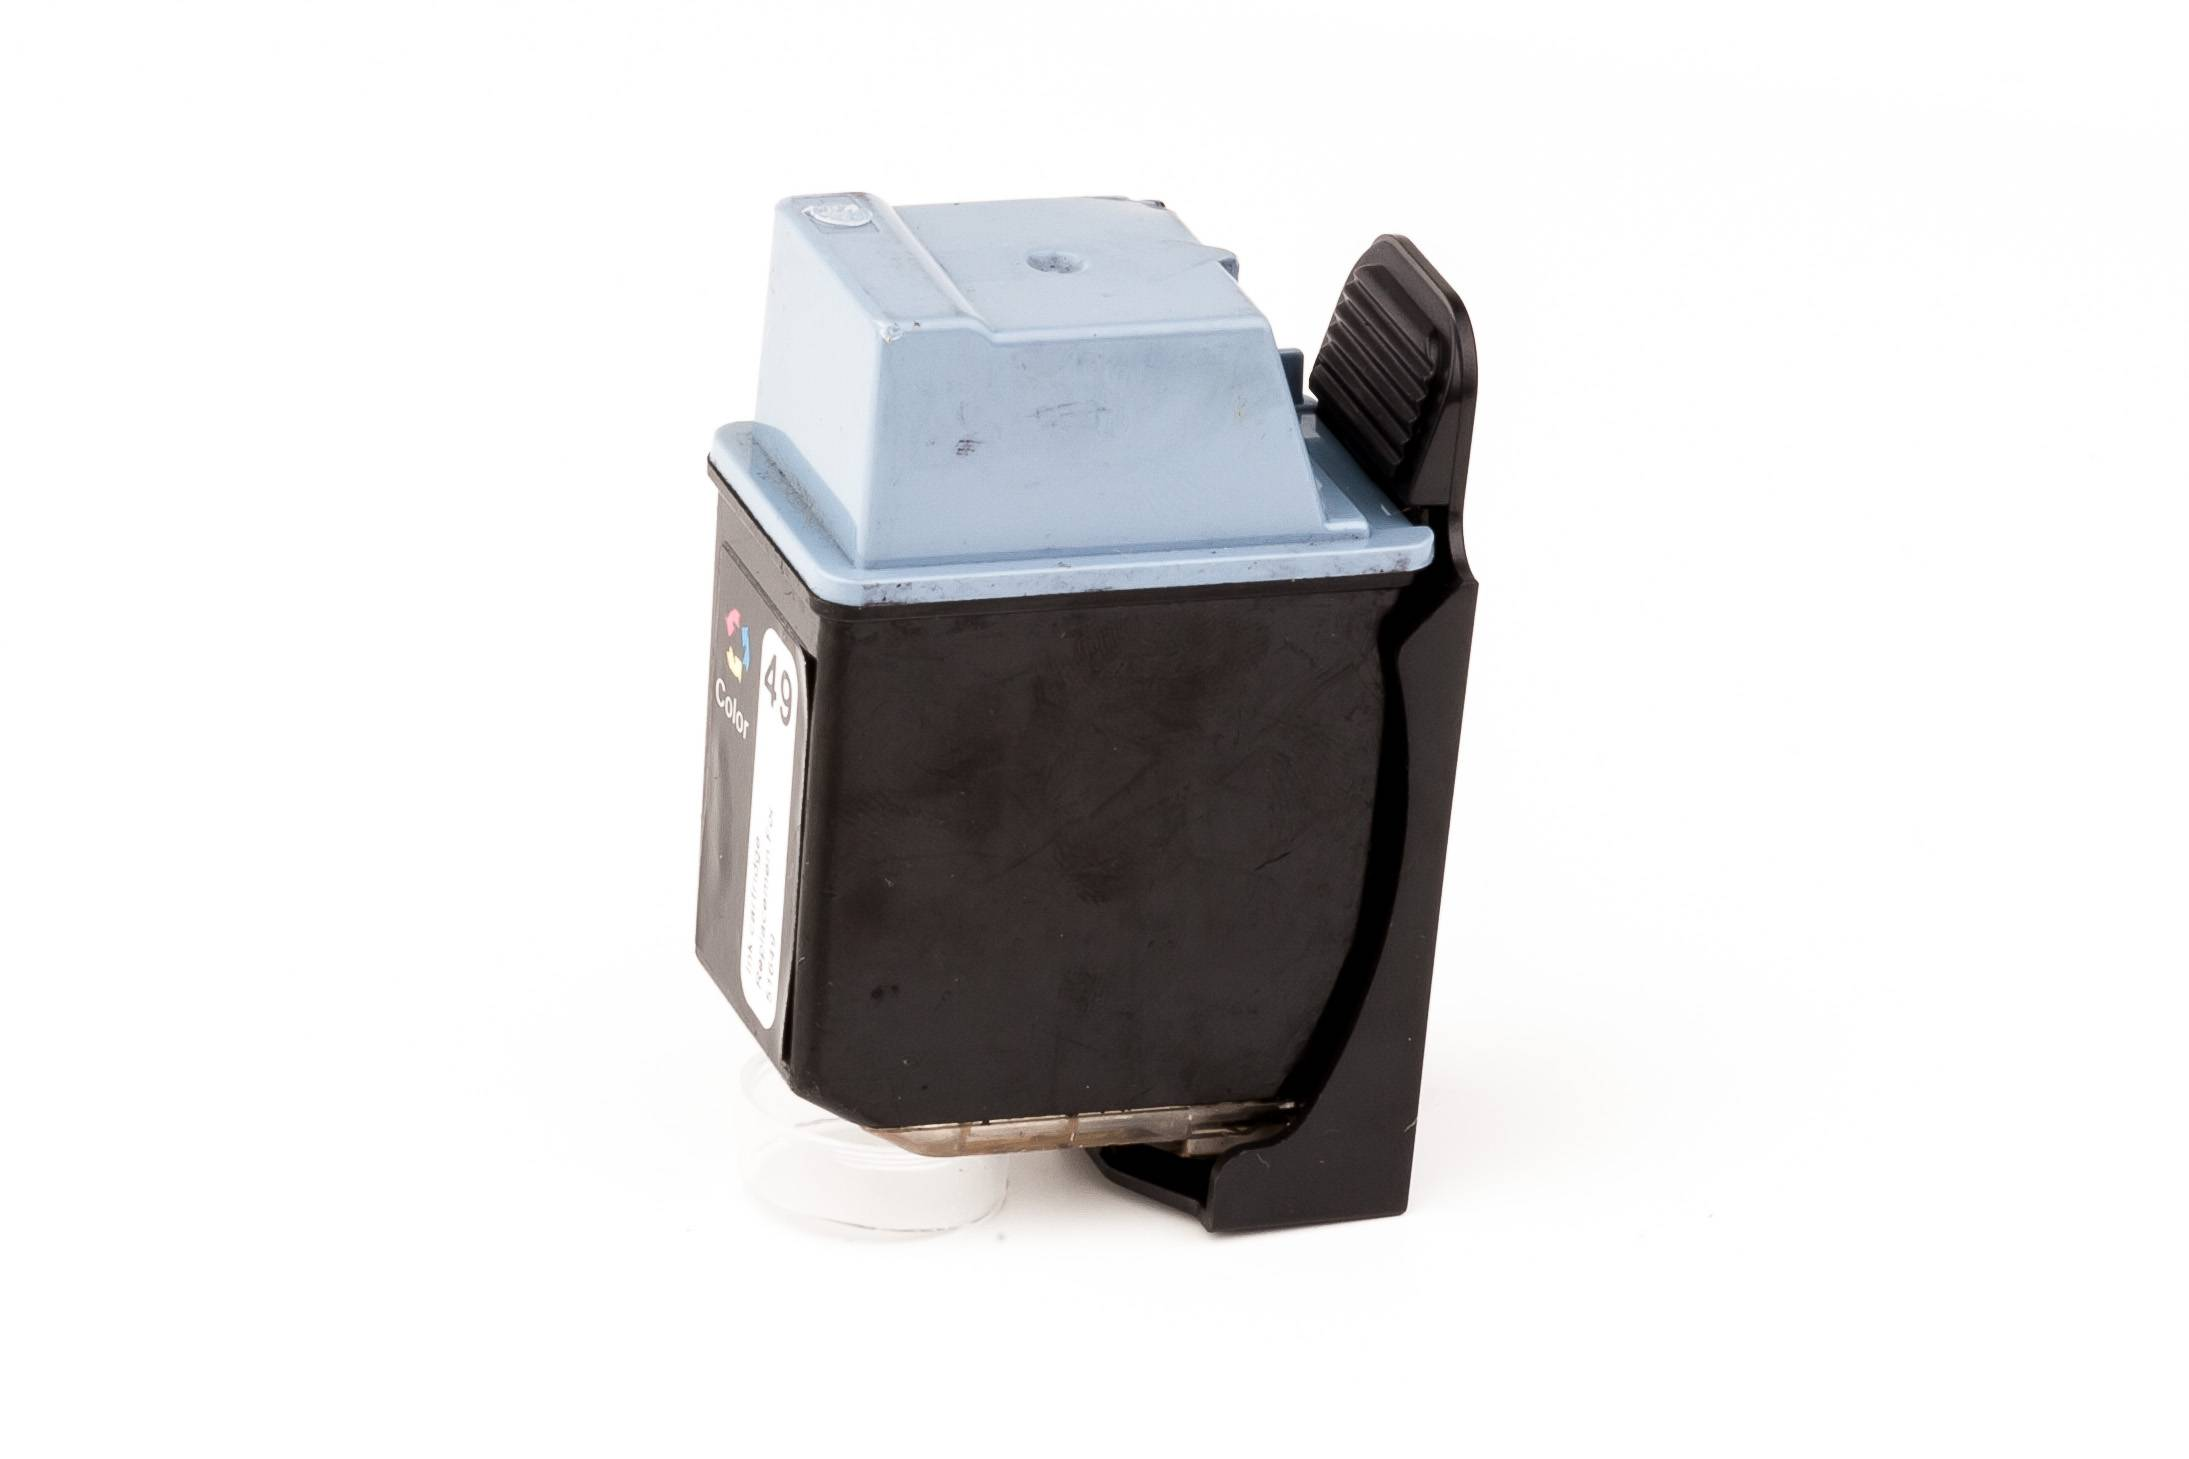 HP Cartouche d'encre pour HP 51649AE / 49 Couleur compatible (de marque ASC)